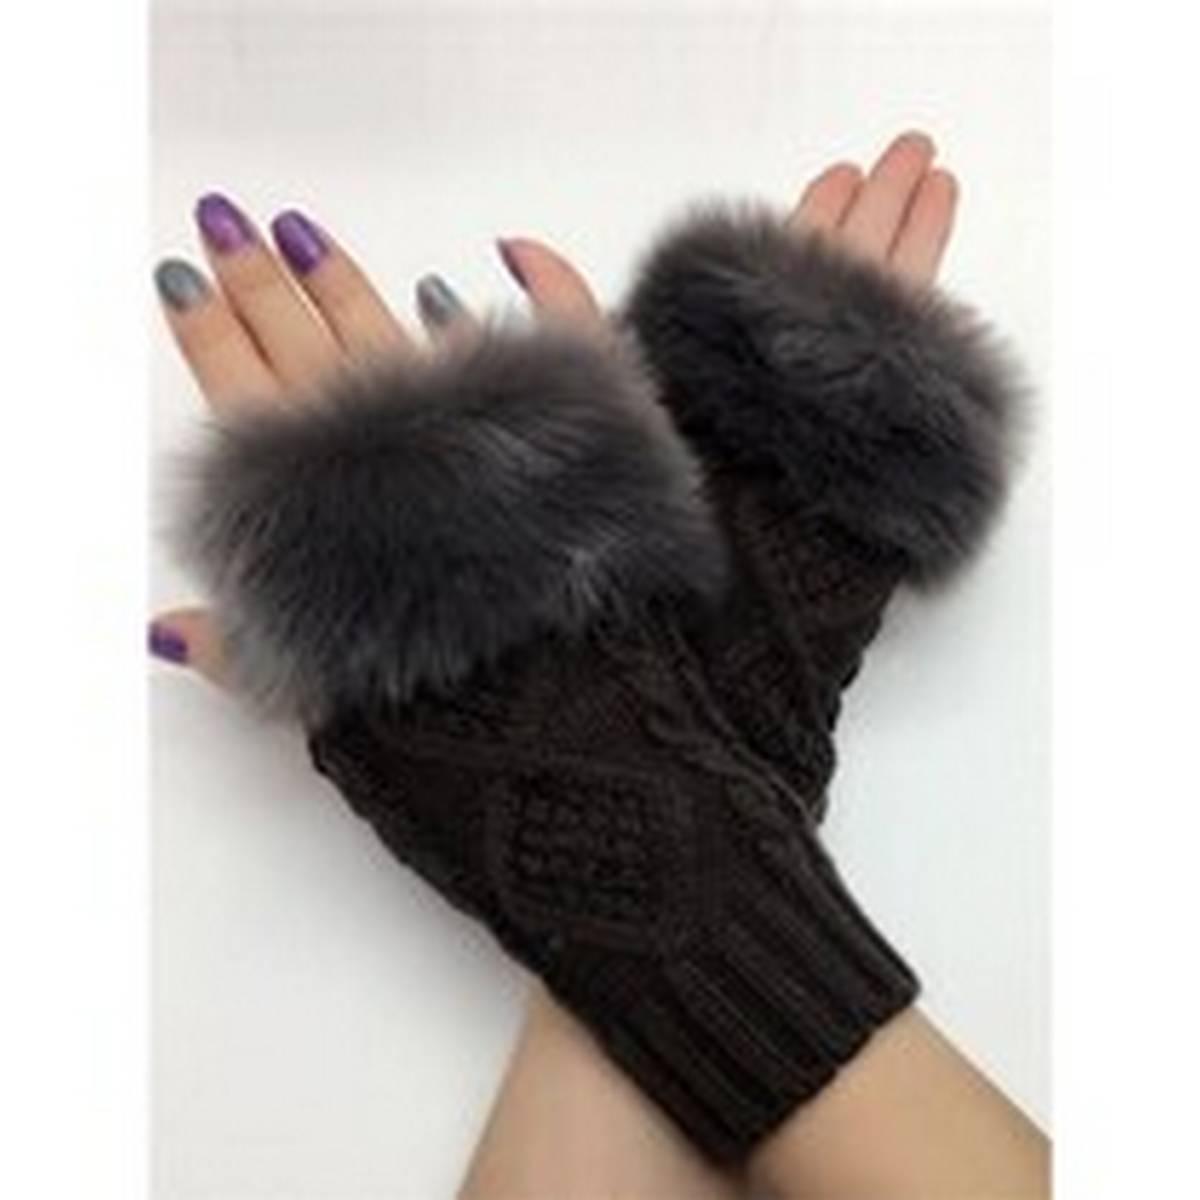 Wool Gloves Fancy Winter Women Grils wool glovs Gloves Knitting Woo wool glovs l Keep Warm Short Mitten Fingerless Lady Girl Half Finger Gloves Rabbit Lady hand Gloves KAAA1113